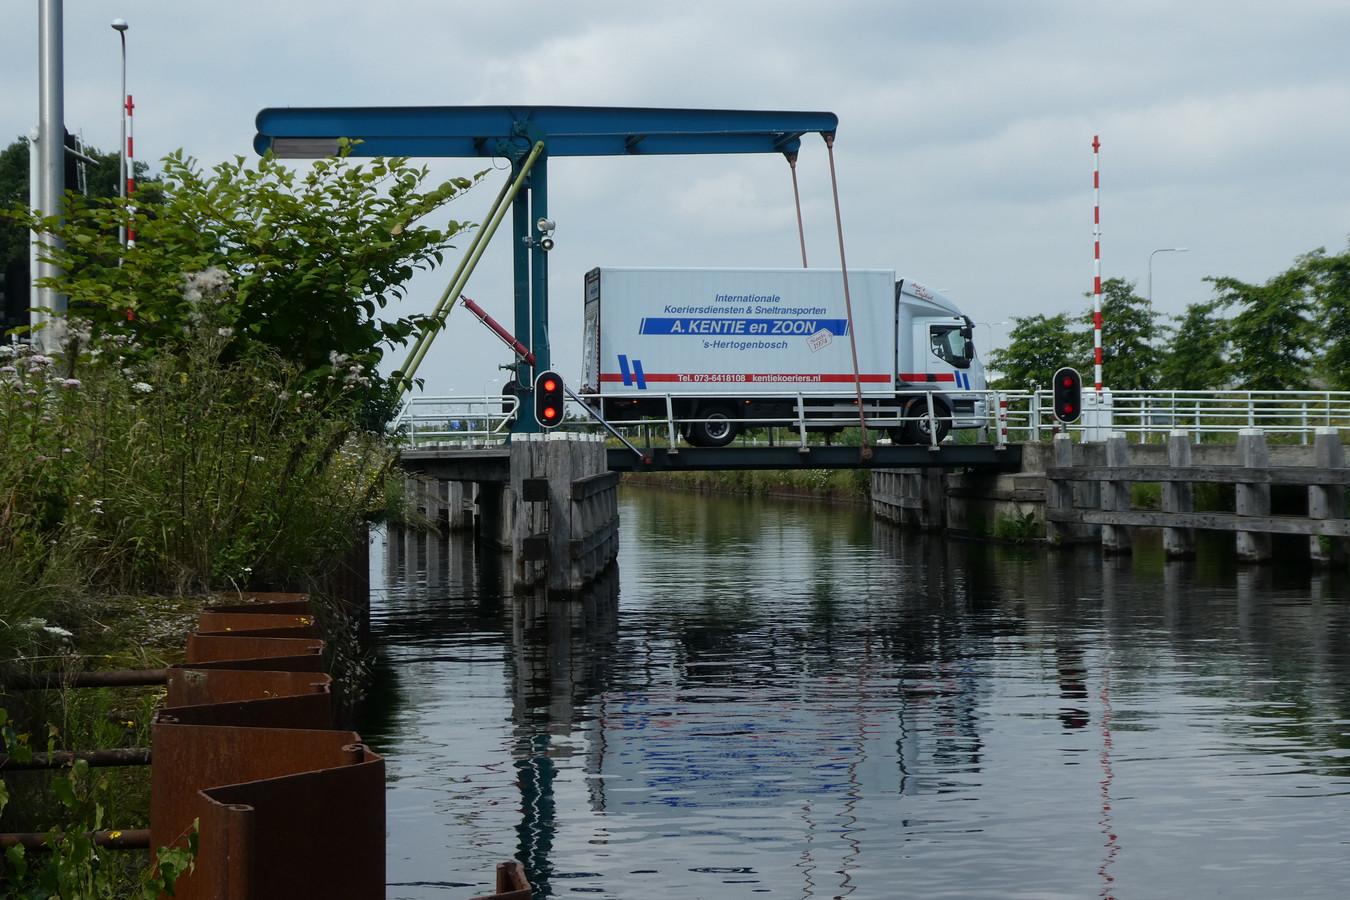 De Dungense brug straks niet meer toegankelijk voor zwaar vrachtverkeer en grote landbouwvoertuigen.